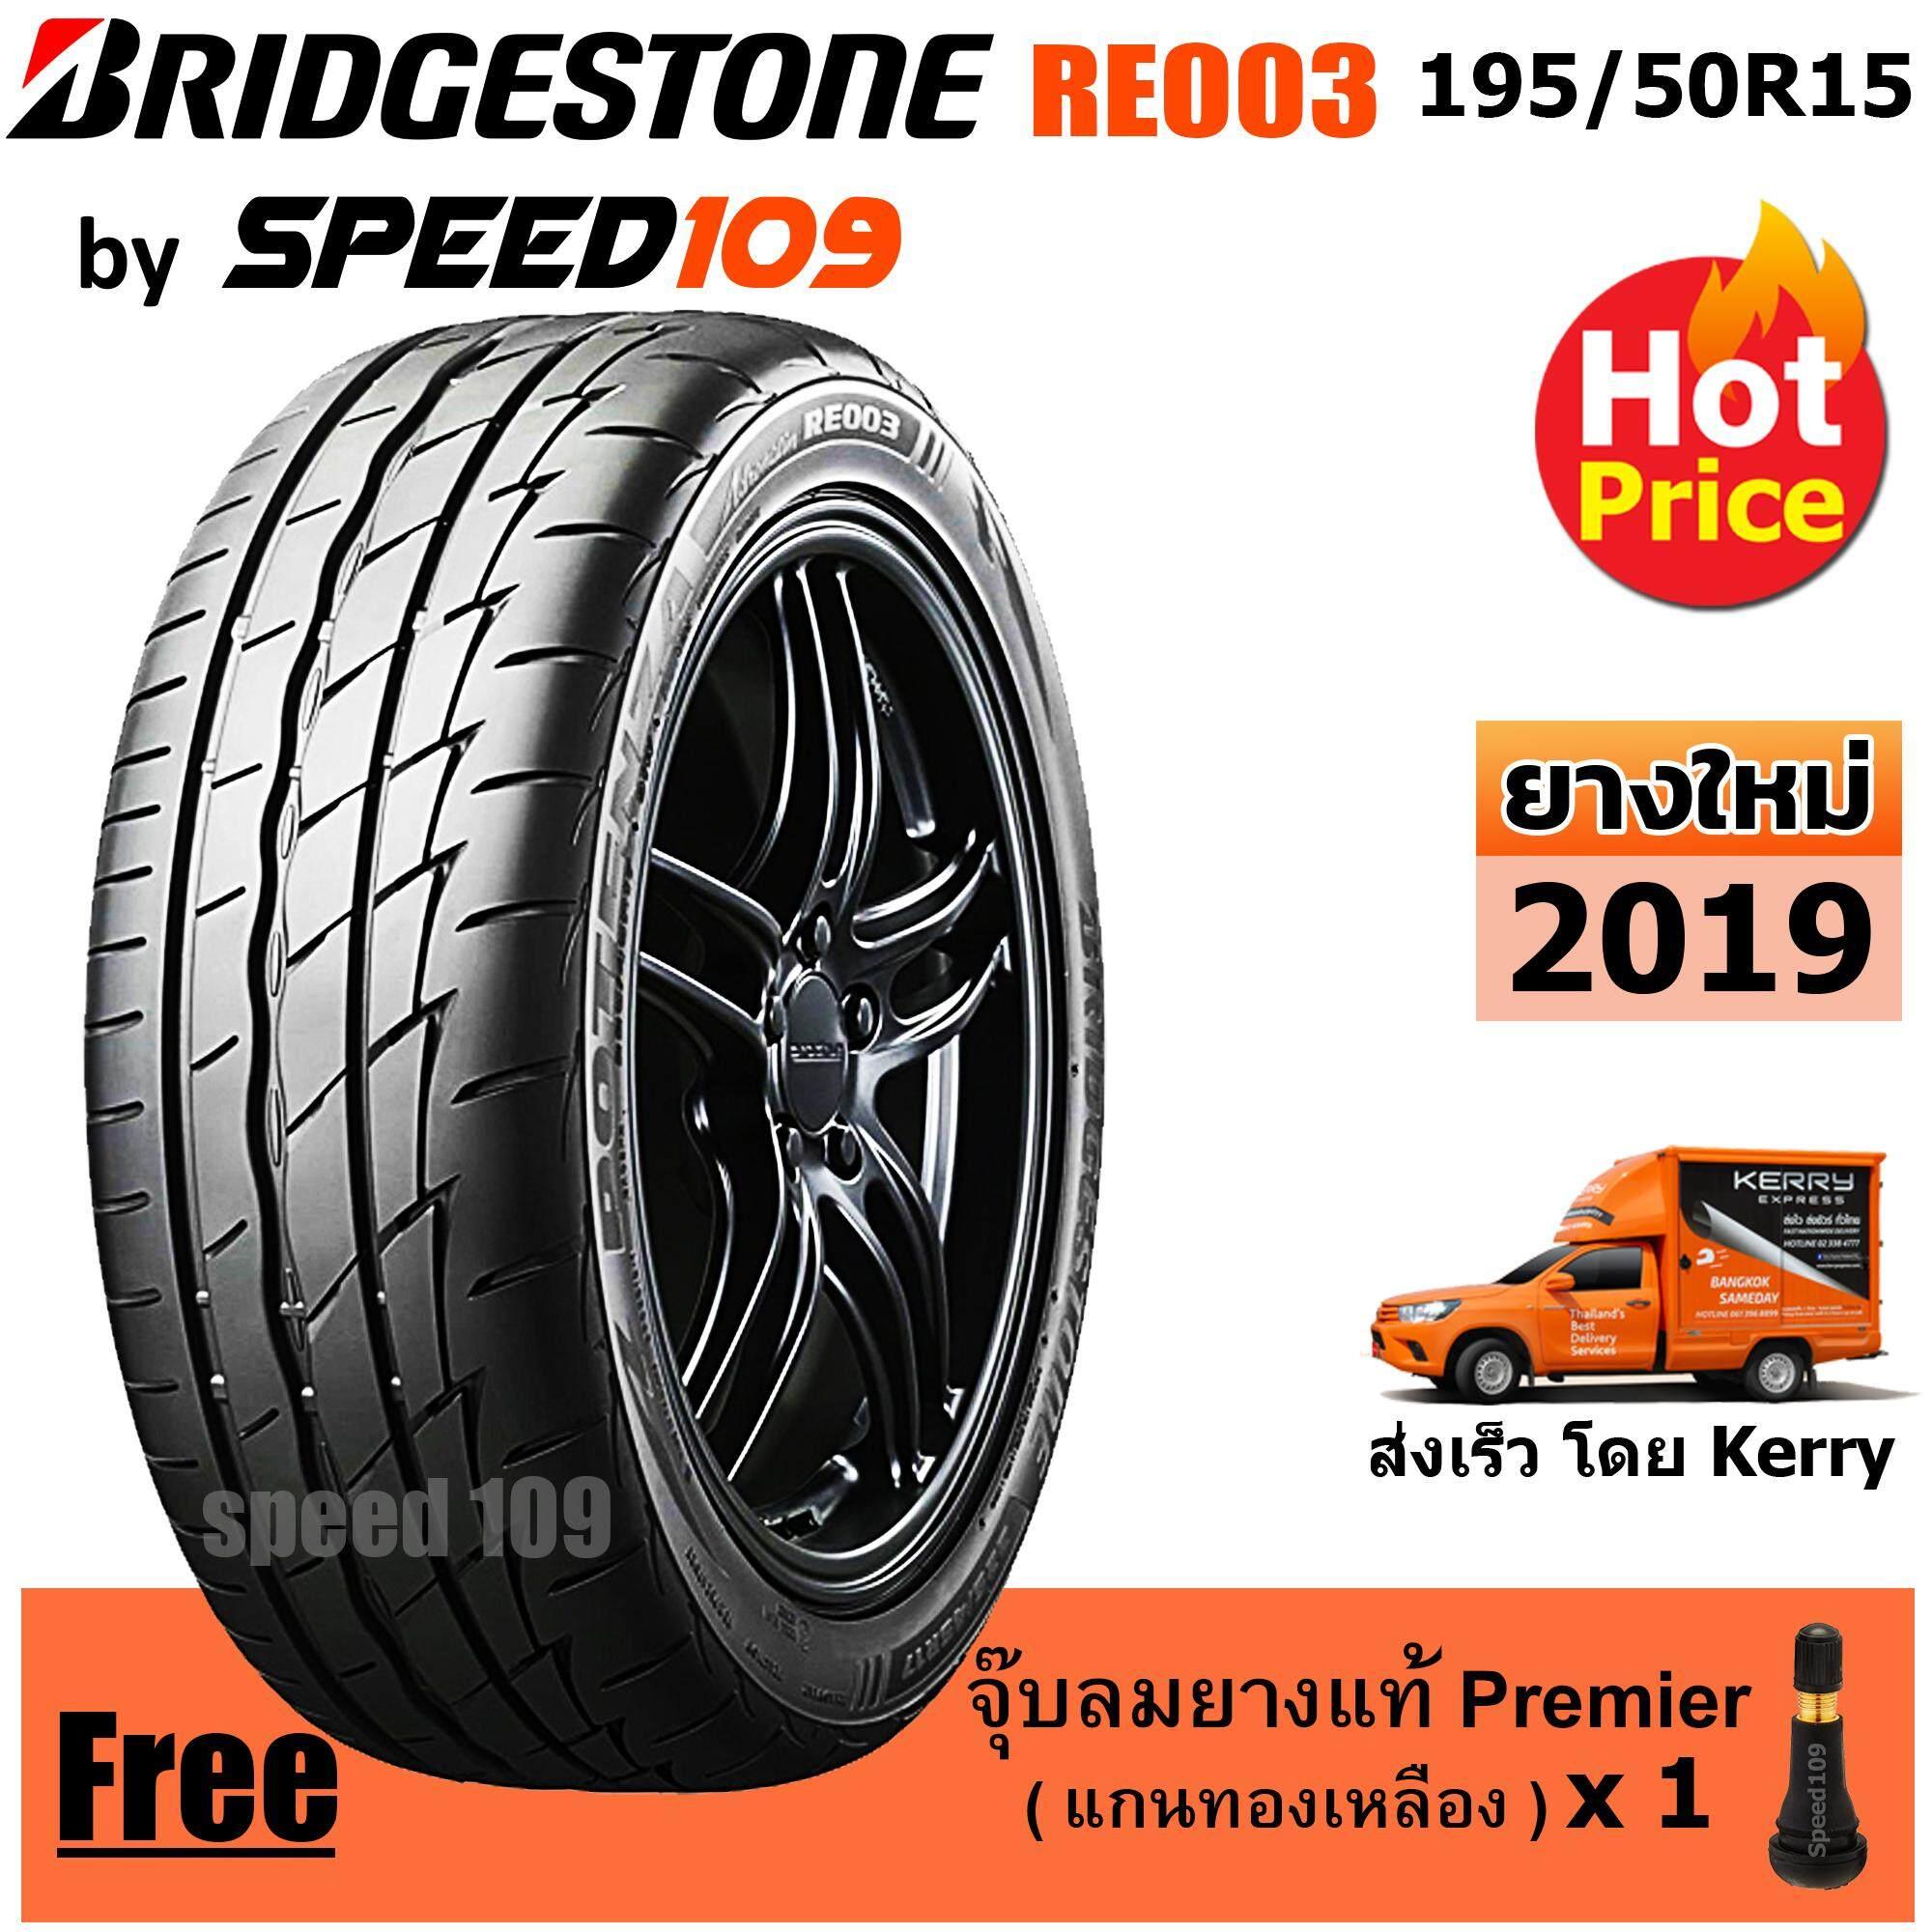 อุตรดิตถ์ BRIDGESTONE ยางรถยนต์ ขอบ 15 ขนาด 195/50R15 รุ่น Potenza Adrenalin RE003 - 1 เส้น (ปี 2019)